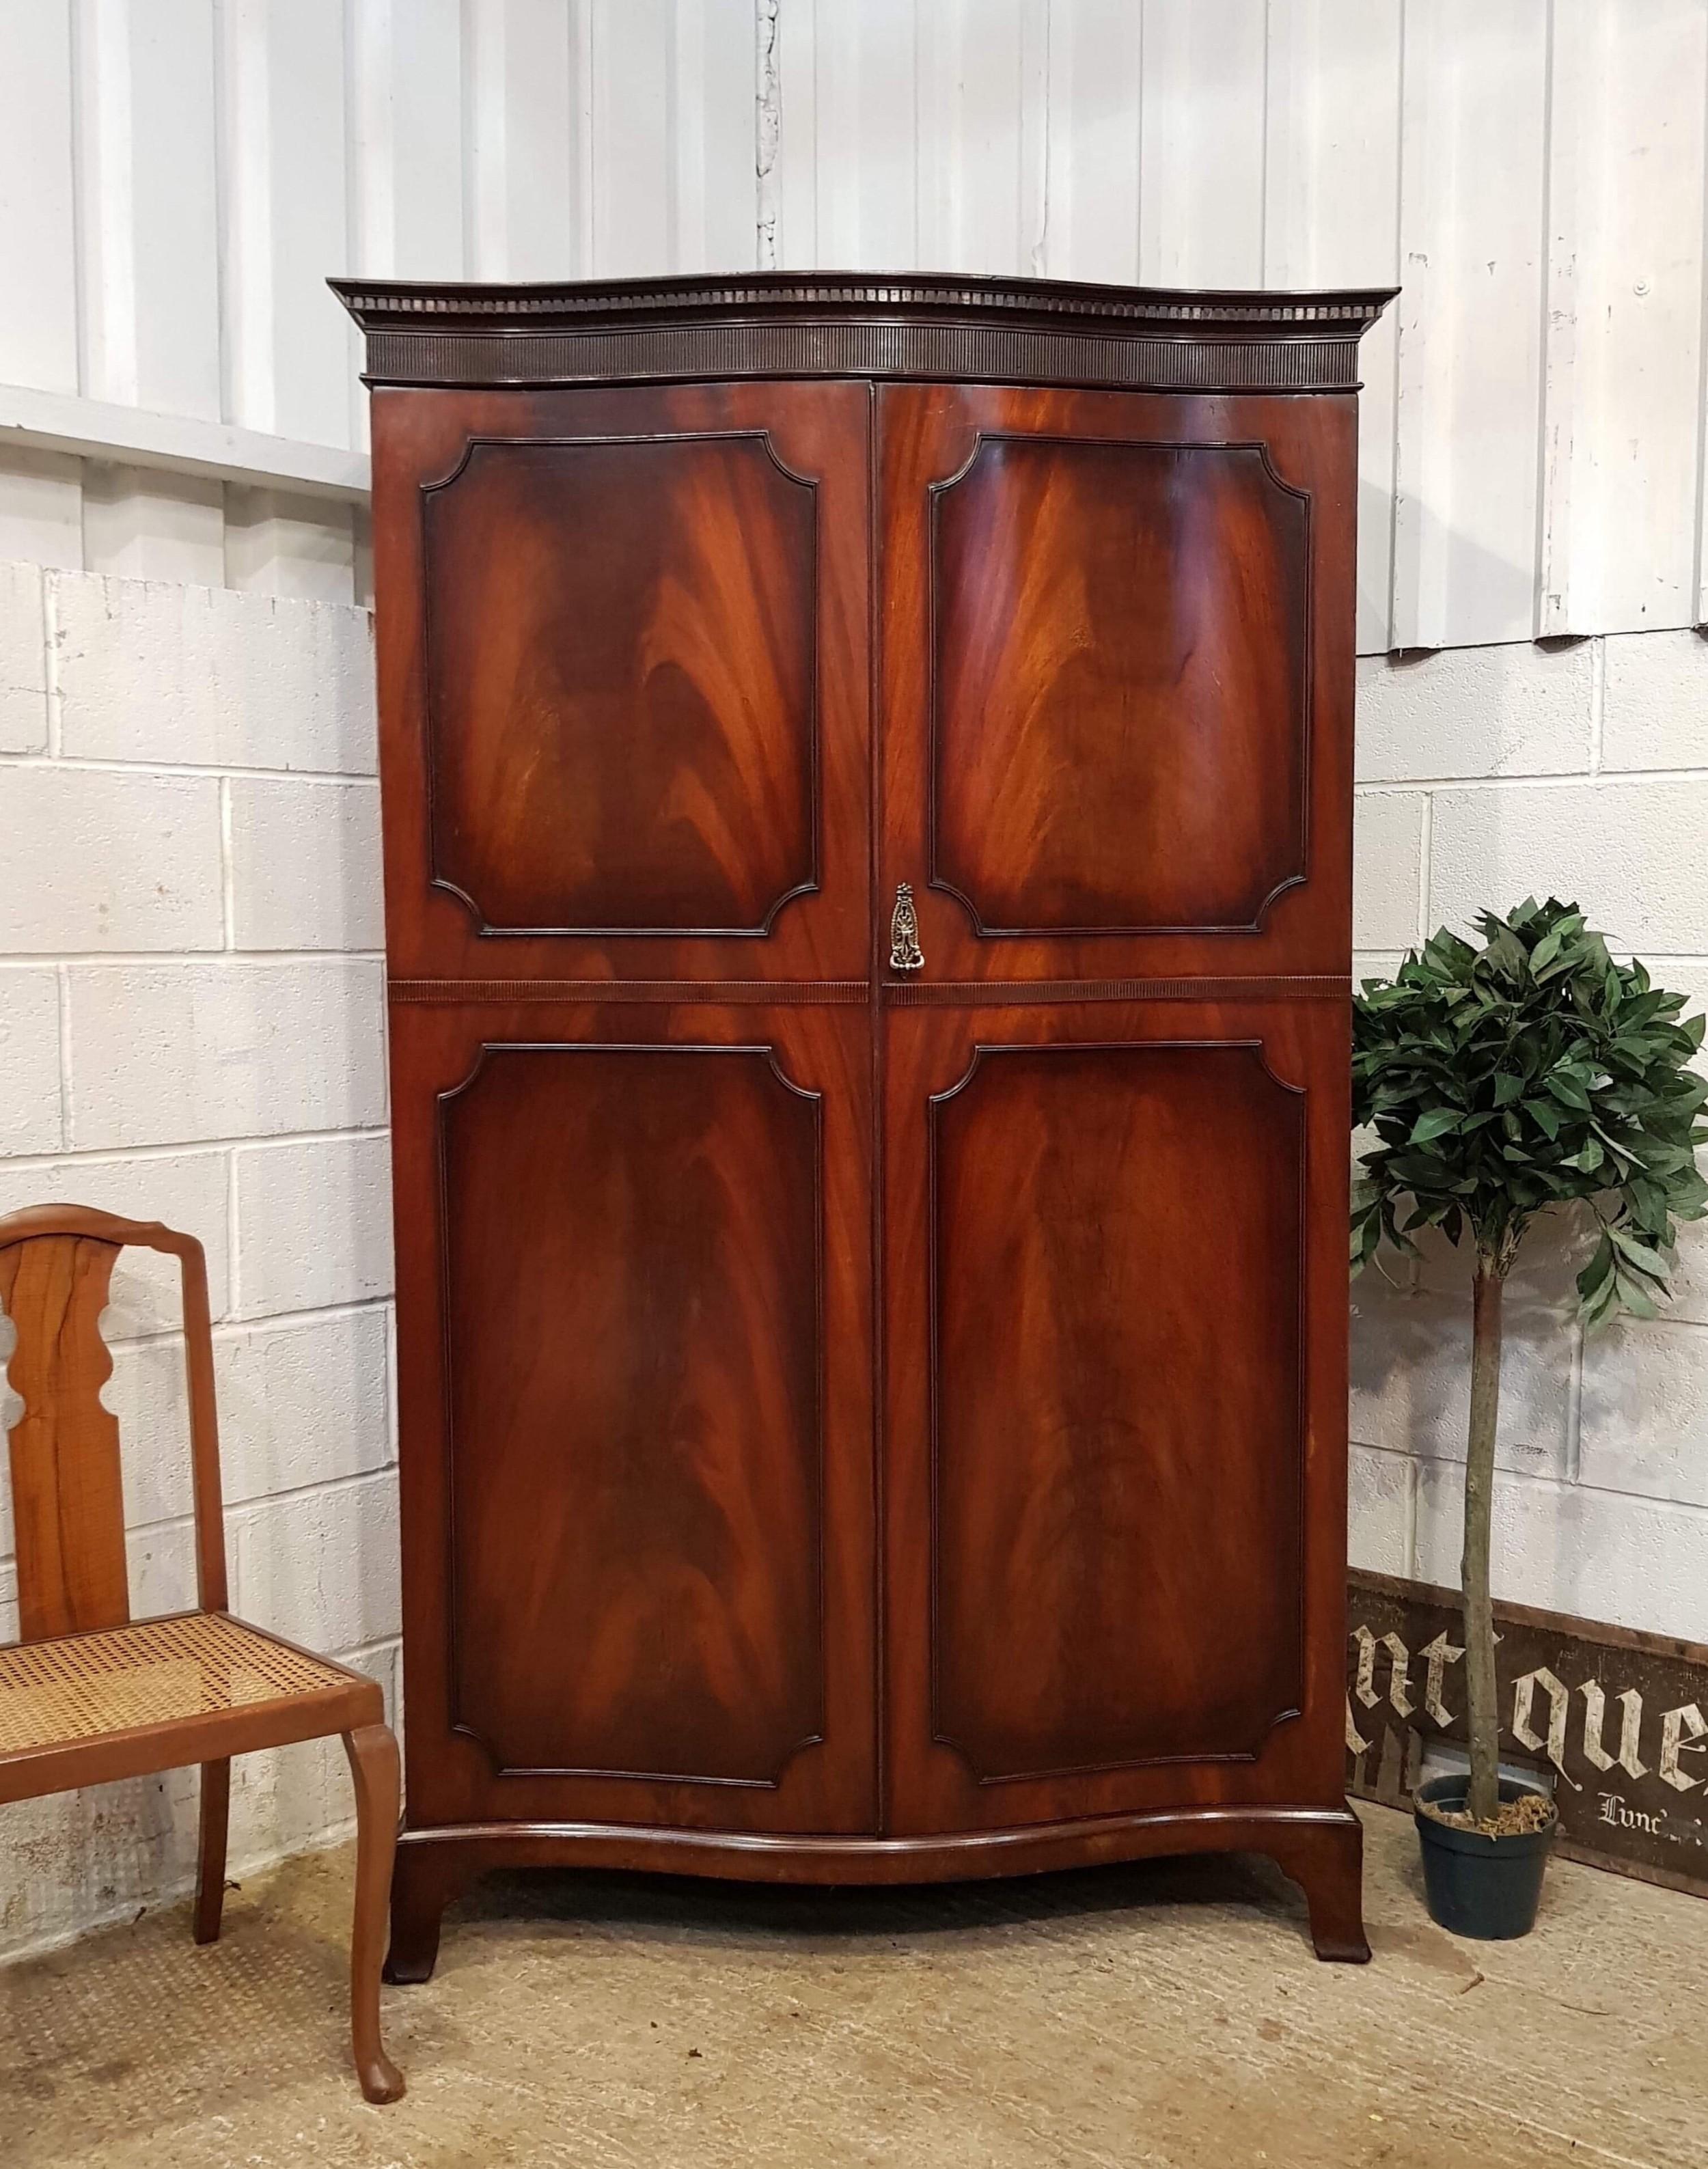 antique edwardian flamed mahogany serpentine shaped double wardrobe c1900